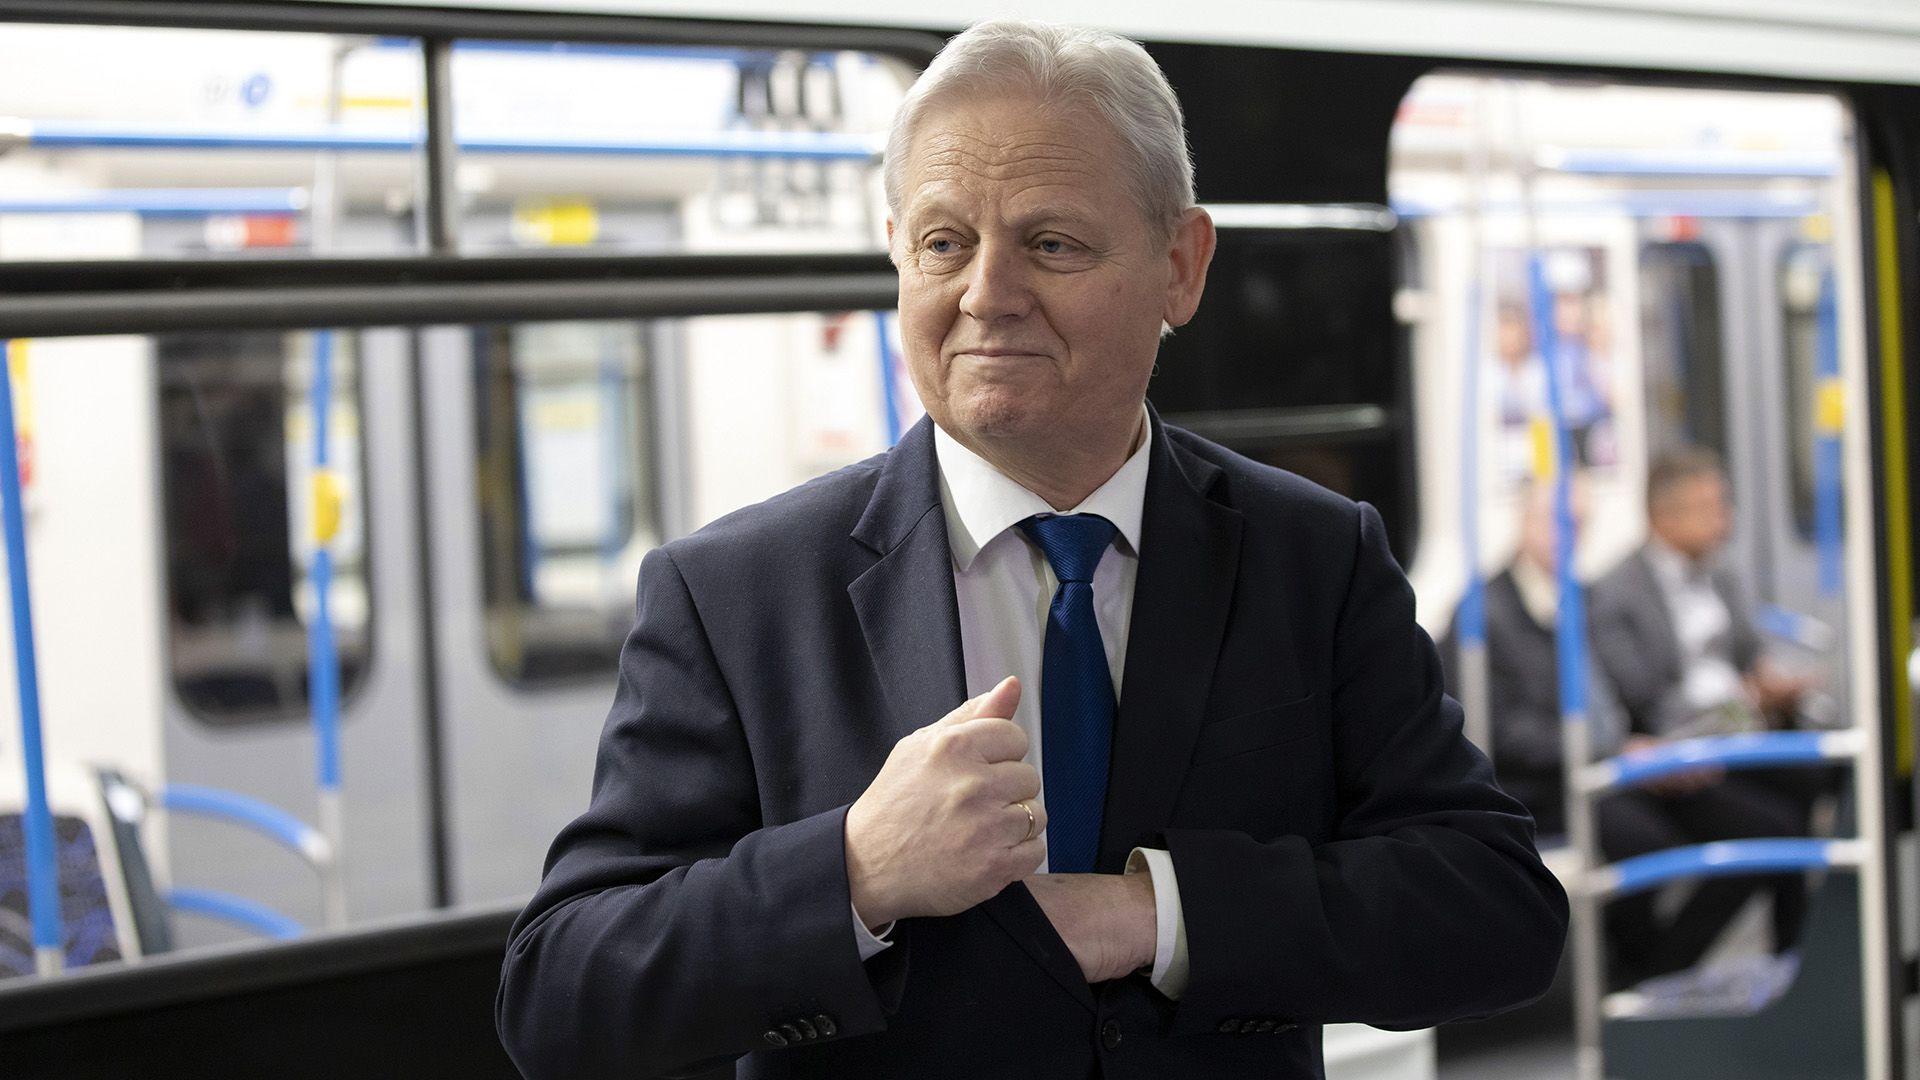 tarlós istván, főpolgármester, metró, 3-as metró